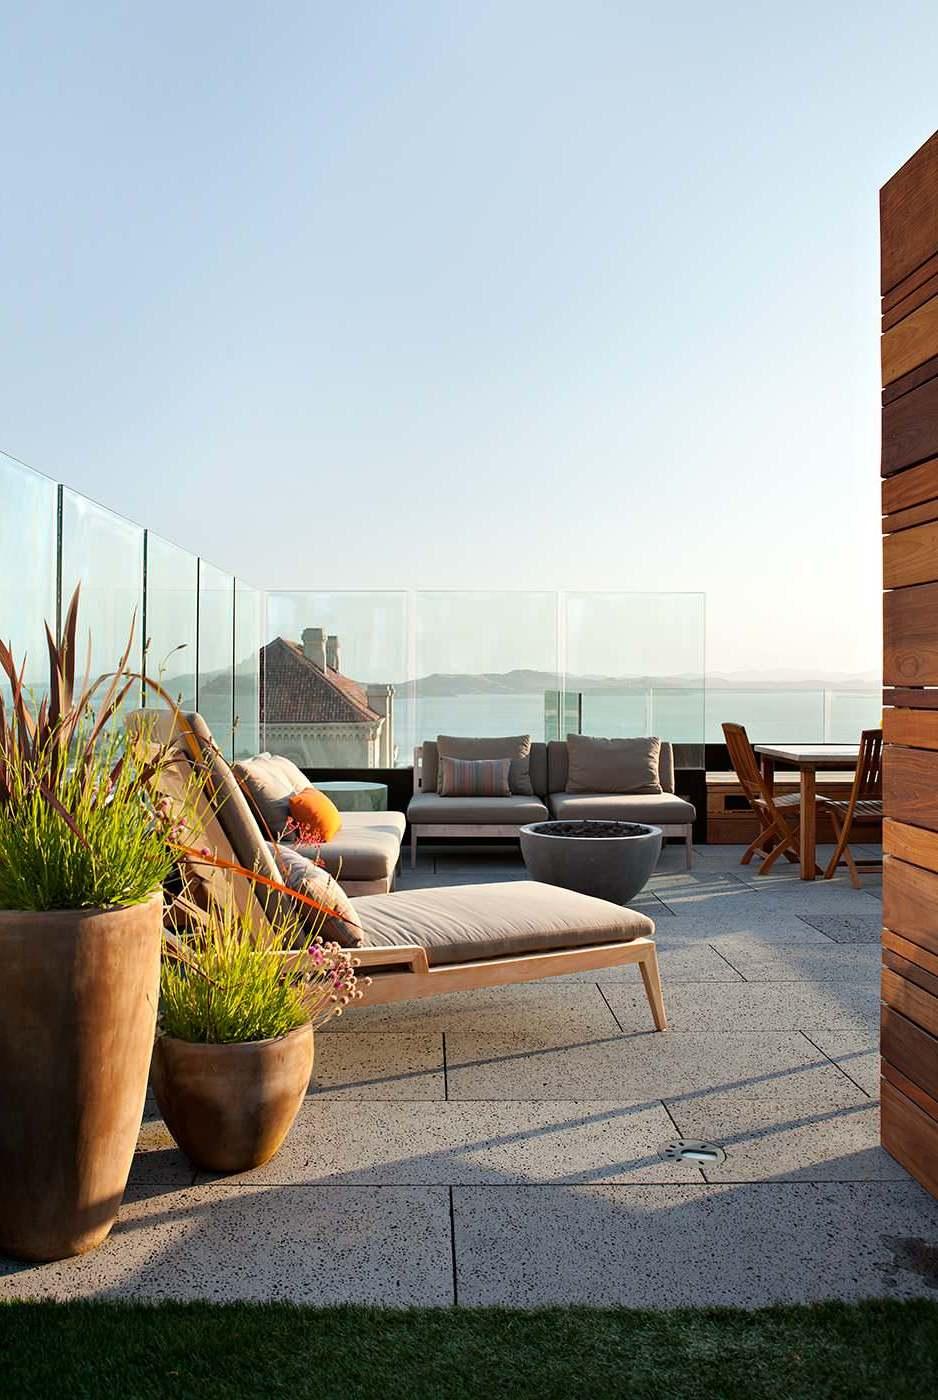 Betonen Sie den magischen Zauber Ihrer Dachterrasse mit atemberaubender Aussicht mit der richtigen Terrassengestaltung